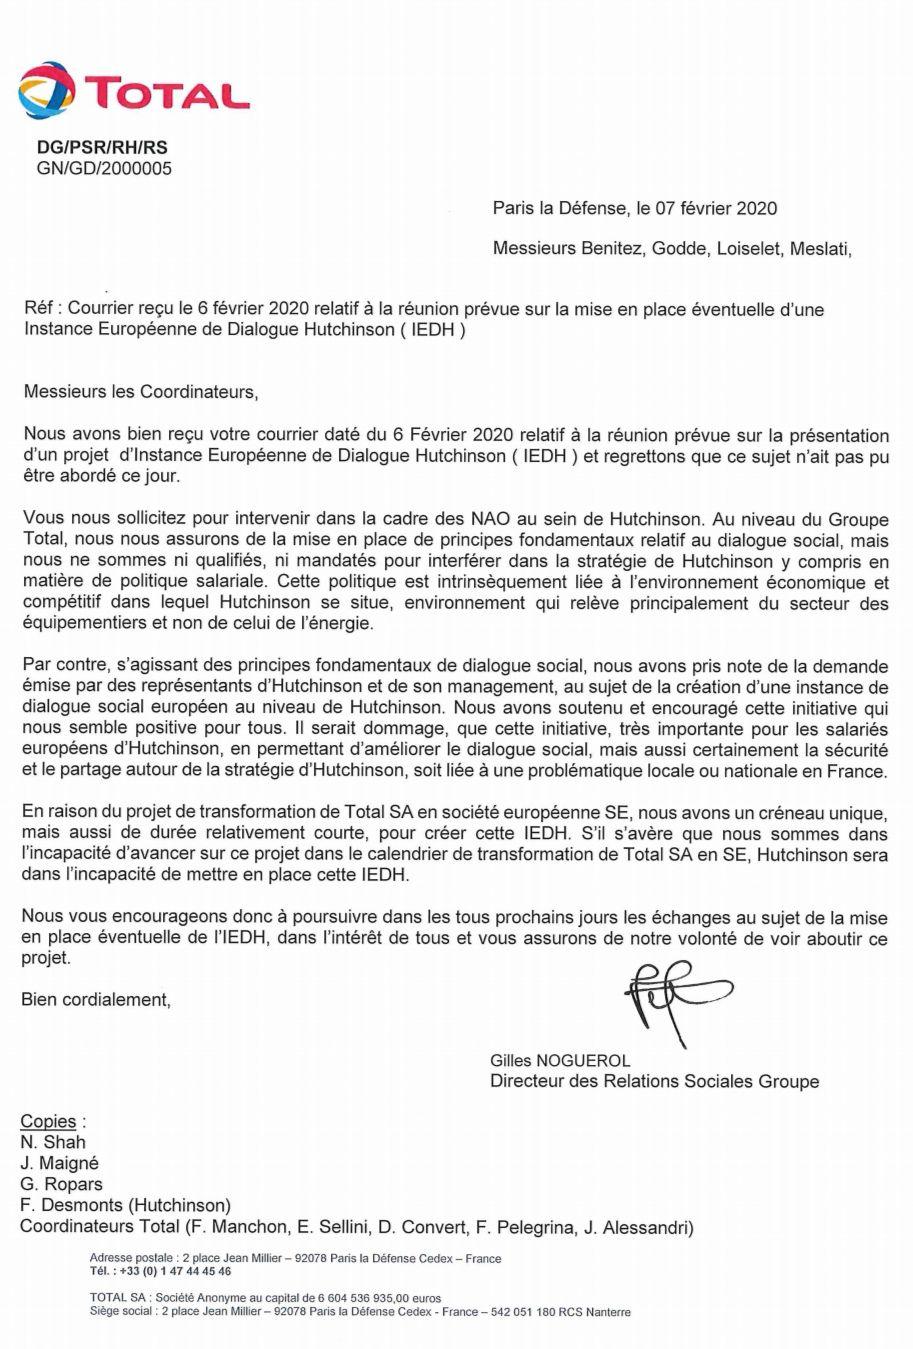 NAO 2020 (suite) : les 4 syndicats représentatifs du groupe Hutchinson se réunissent et tentent de dialoguer avec M. Maigné (Président du groupe Hutchinson).